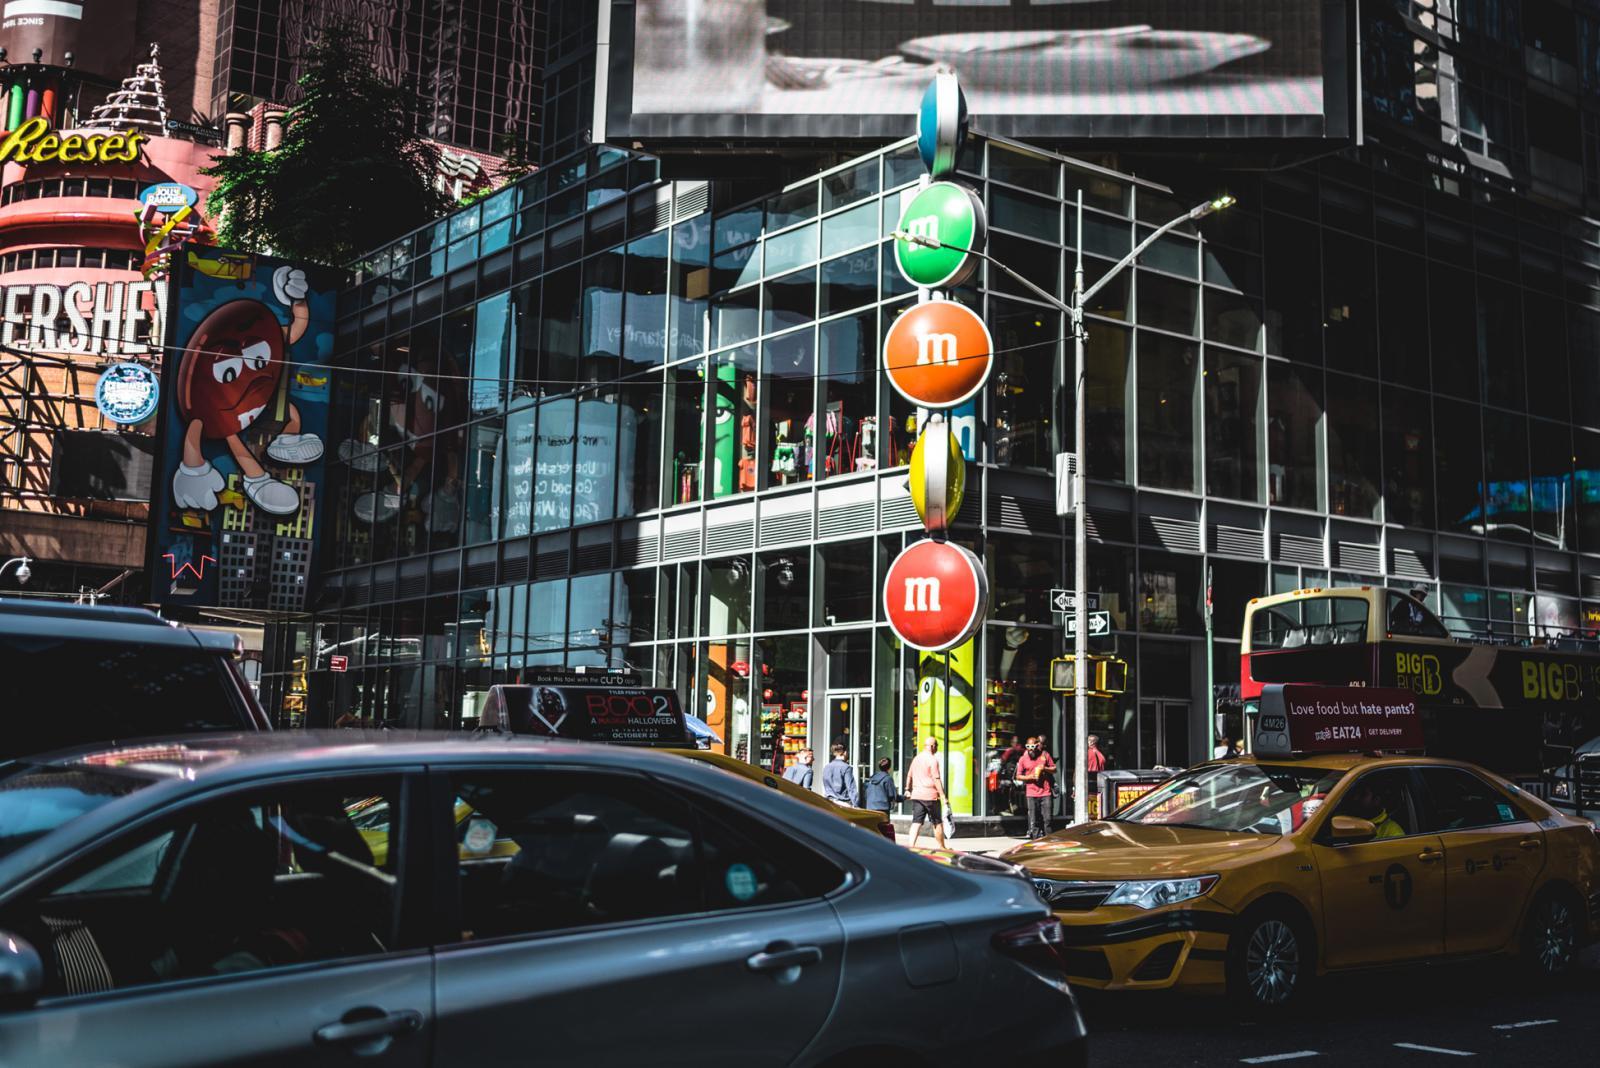 Midtown Manhattan M&M's world